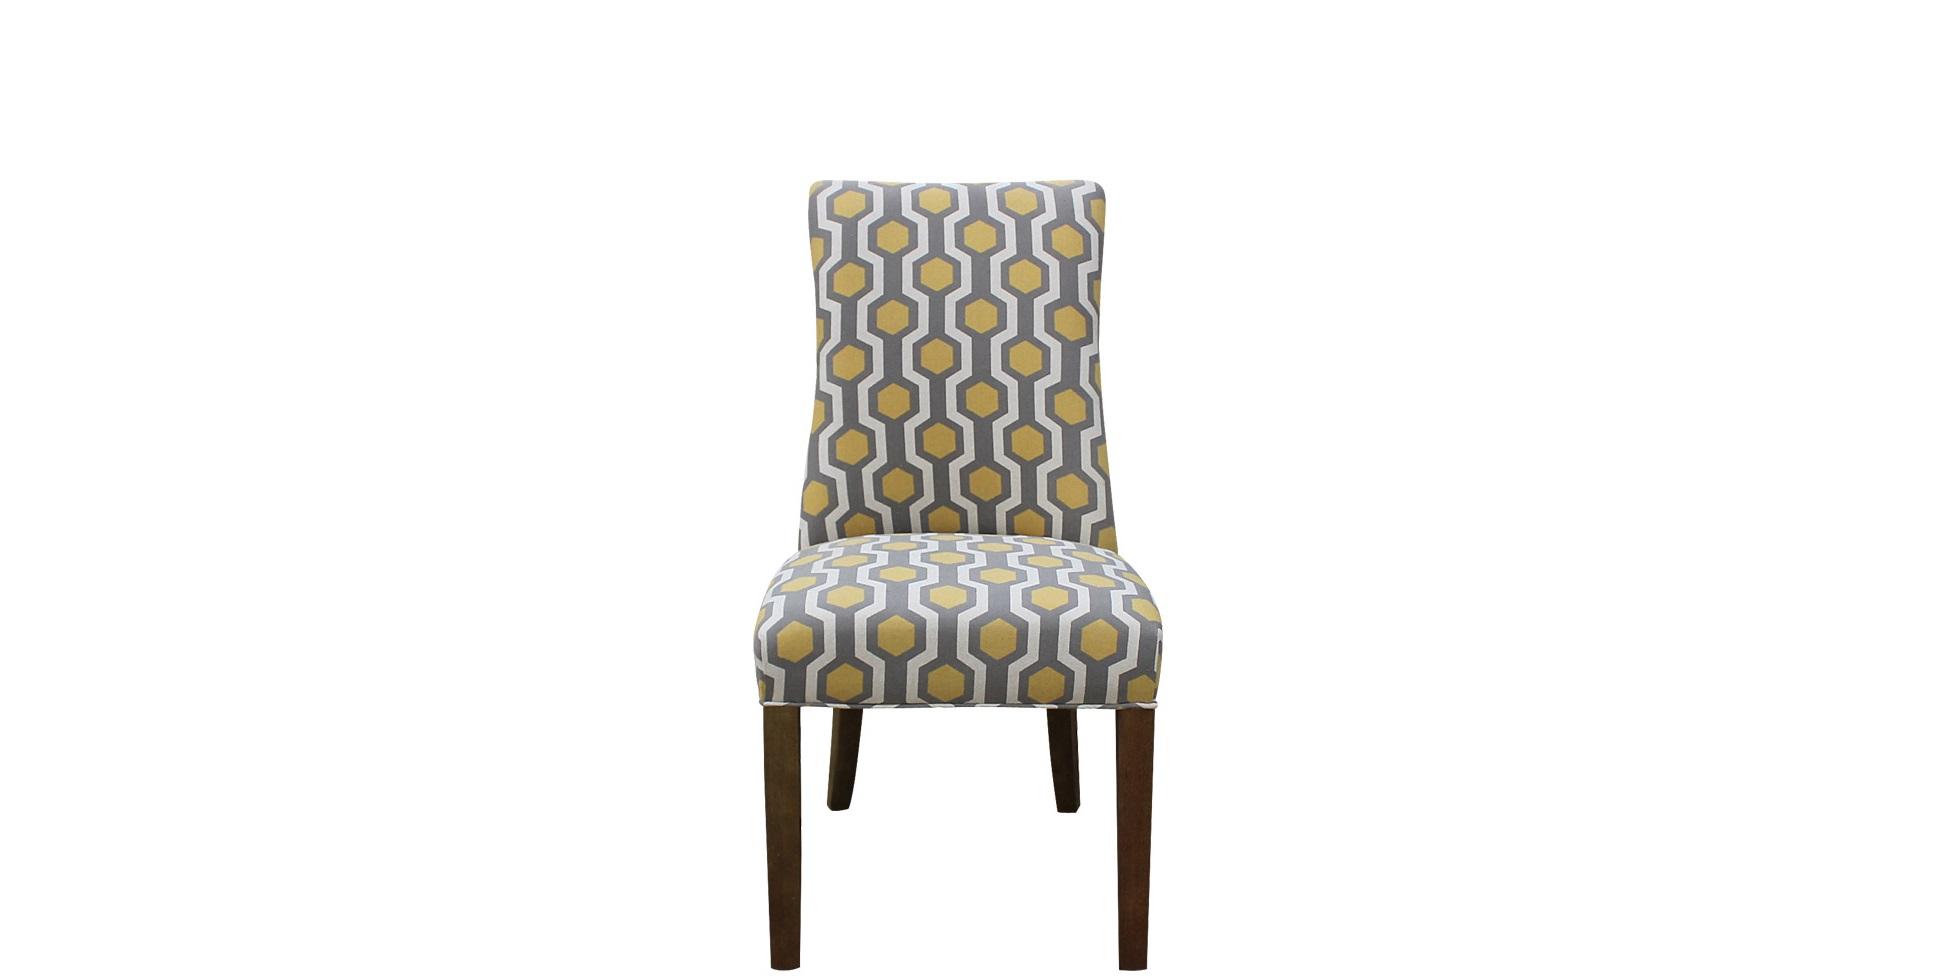 Стул Martin side сhairОбеденные стулья<br>&amp;lt;span style=&amp;quot;line-height: 20px;&amp;quot;&amp;gt;Не позвольте рутине повседневности прийти в ваш дом! Со стульями&amp;amp;nbsp;&amp;quot;Martin Side Chair&amp;quot; противостоять ей очень легко. Она просто растворится в абстрактных фигурах, которыми составлен узор оригинальной обивки. Яркие желтые акценты не дадут серости будней выйти наружу ? теперь она будет присутствовать в пространстве только в качестве одного из цветов броского оформления.&amp;amp;nbsp;&amp;quot;Martin Side Chair&amp;quot; ? то, чего так не достает современным&amp;amp;nbsp;аскетичным&amp;amp;nbsp;интерьерам.&amp;lt;/span&amp;gt;<br><br>Material: Текстиль<br>Ширина см: 51<br>Высота см: 99<br>Глубина см: 67